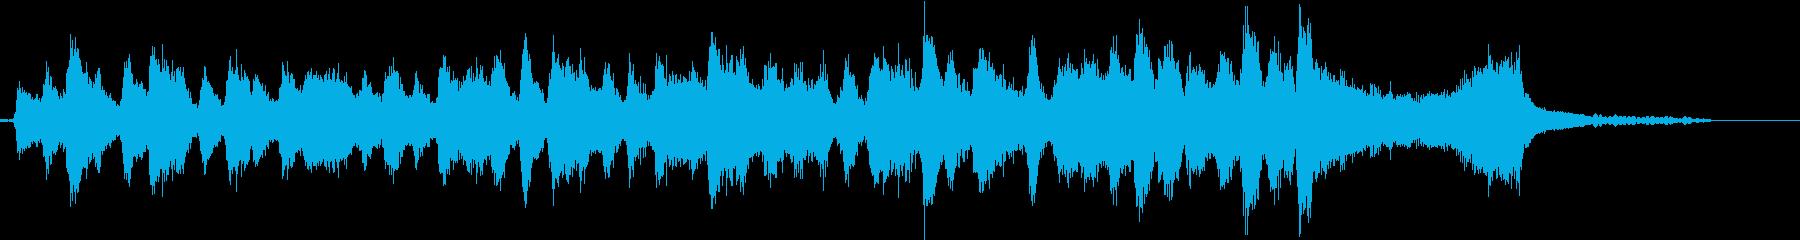 生演奏:軽やかな弦楽四重奏&ピアノの再生済みの波形